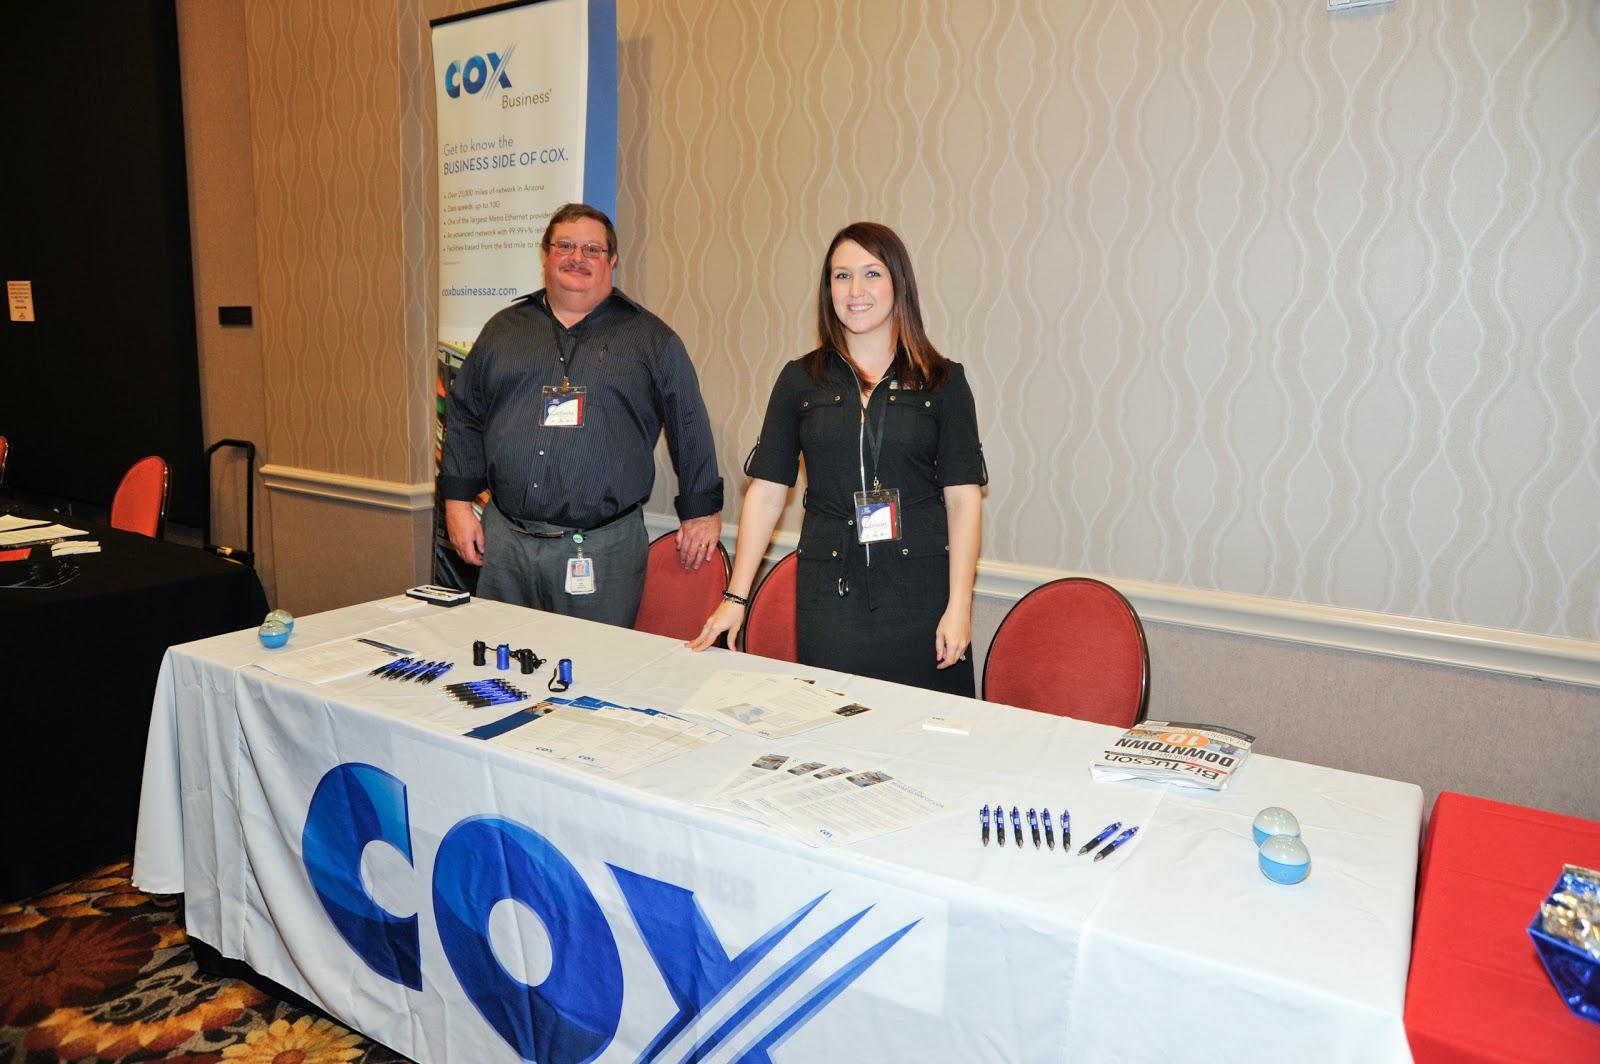 2013 Outlooks - 130321-TucsonChamber-Outlooks-065.jpg